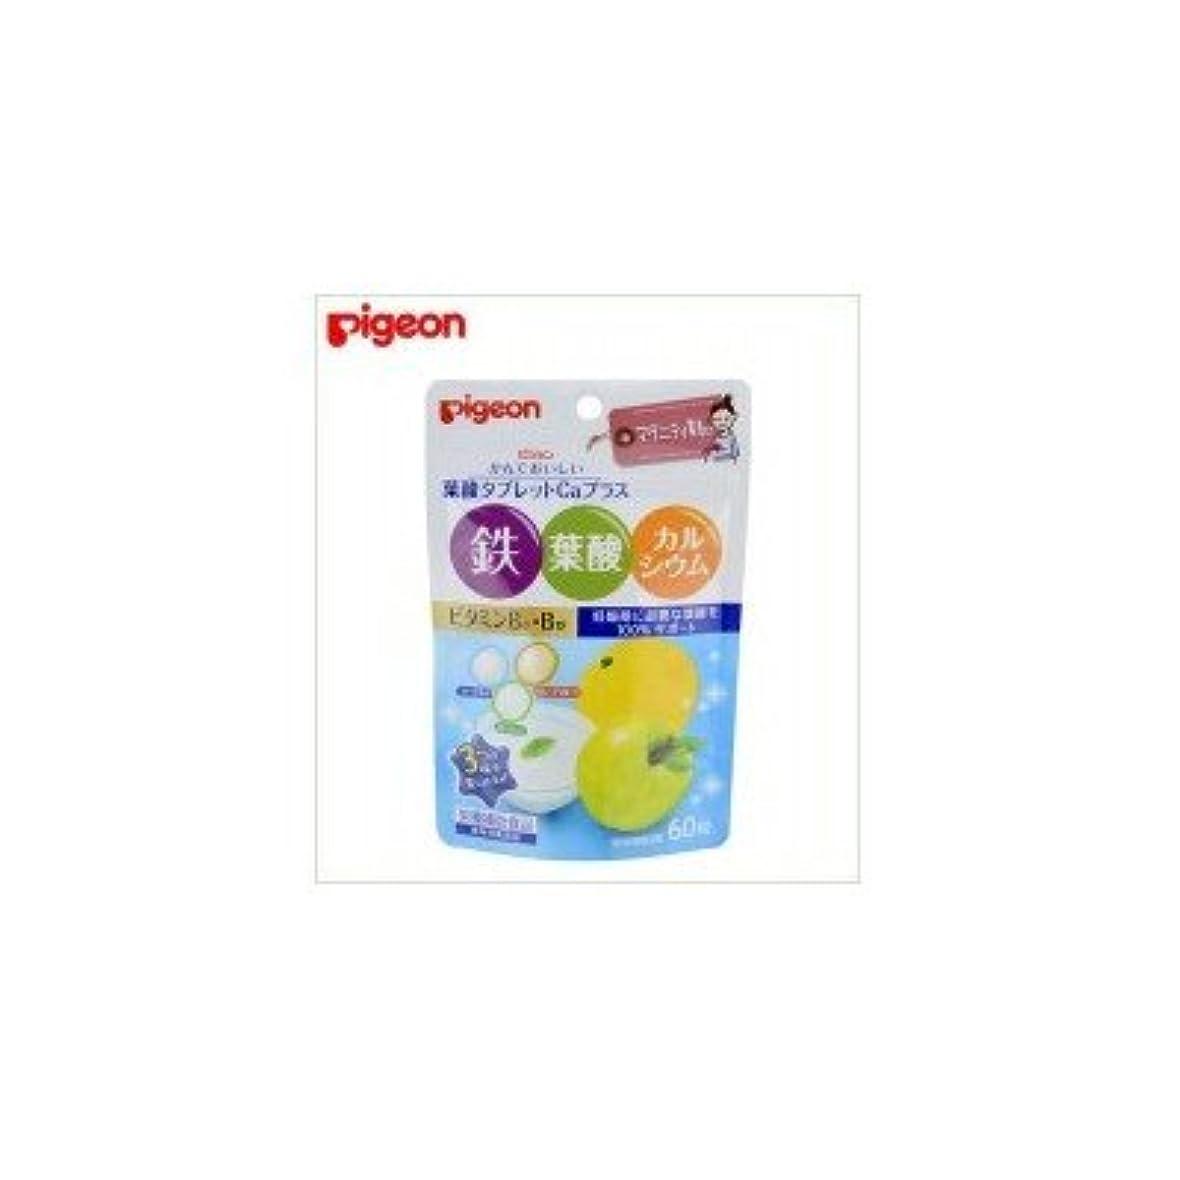 一般的に言えばトロリー眠いですPigeon(ピジョン) サプリメント 栄養補助食品 かんでおいしい葉酸タブレット Caプラス 60粒 20446